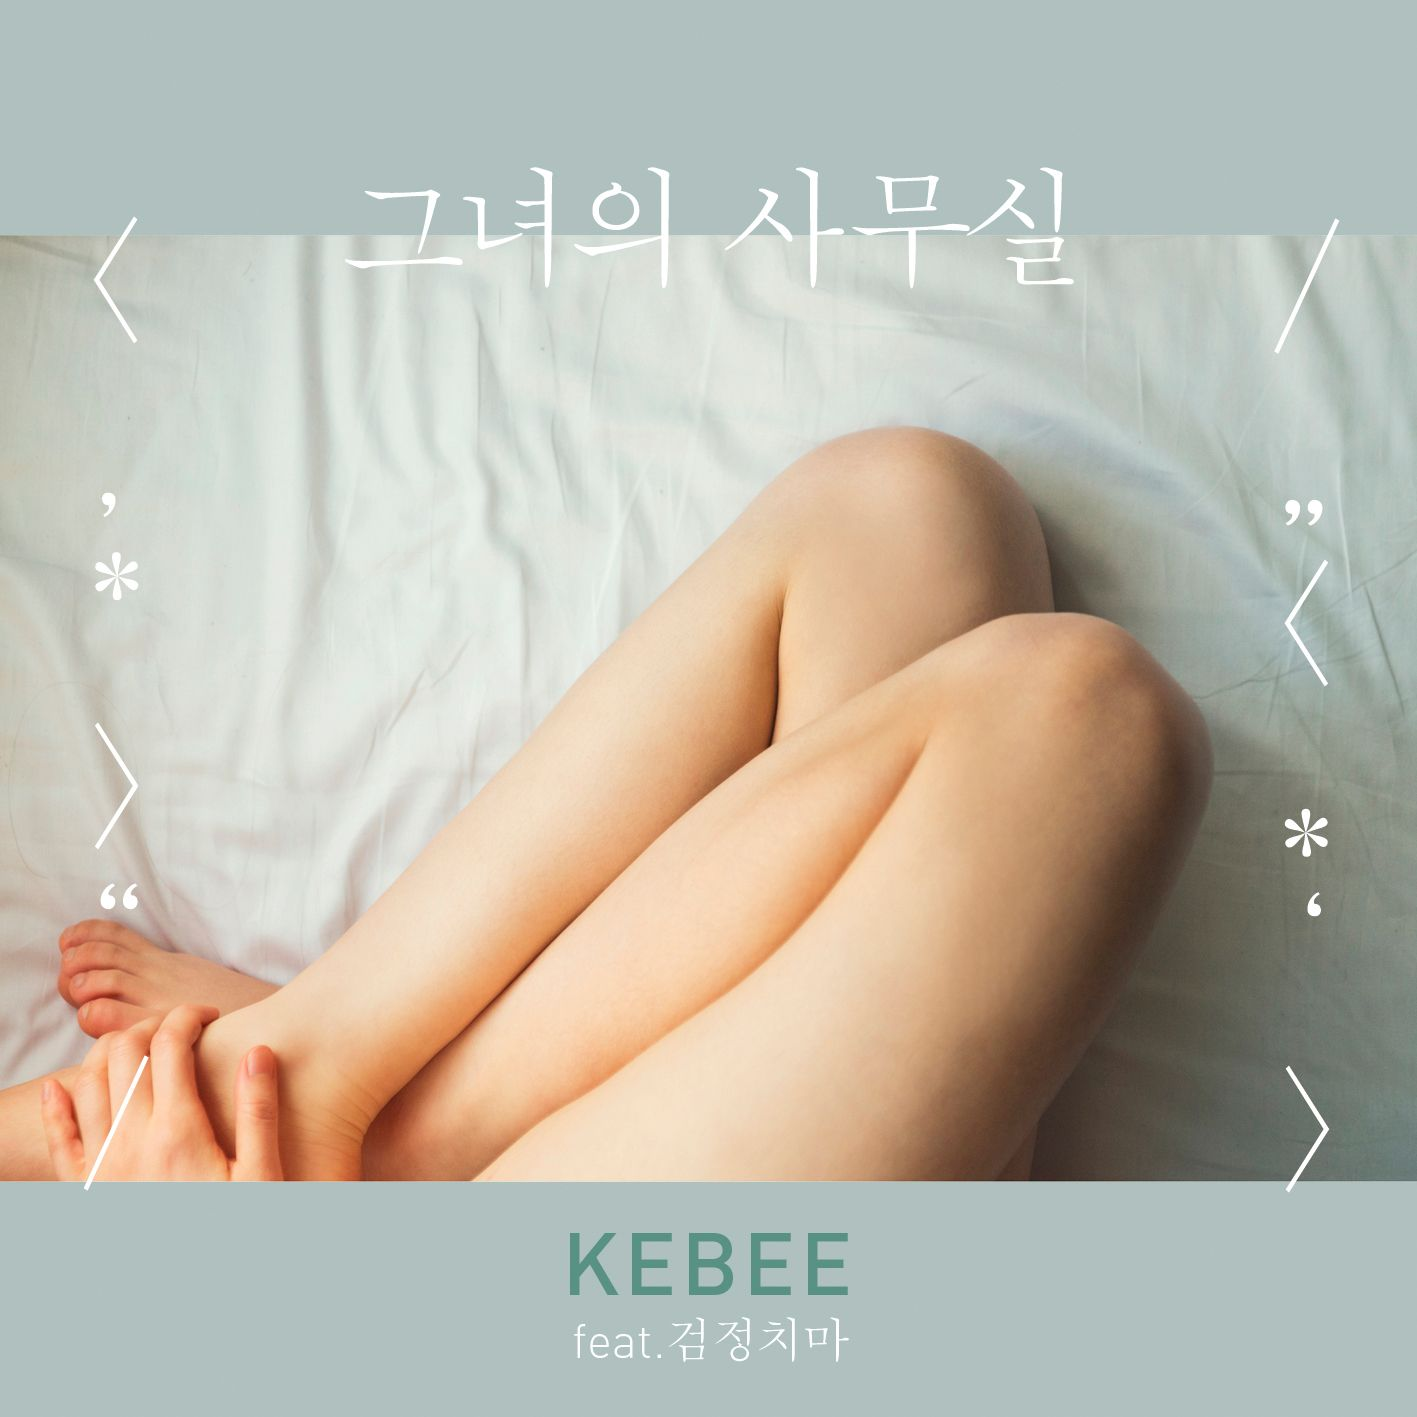 [Single] Kebee - Her Office